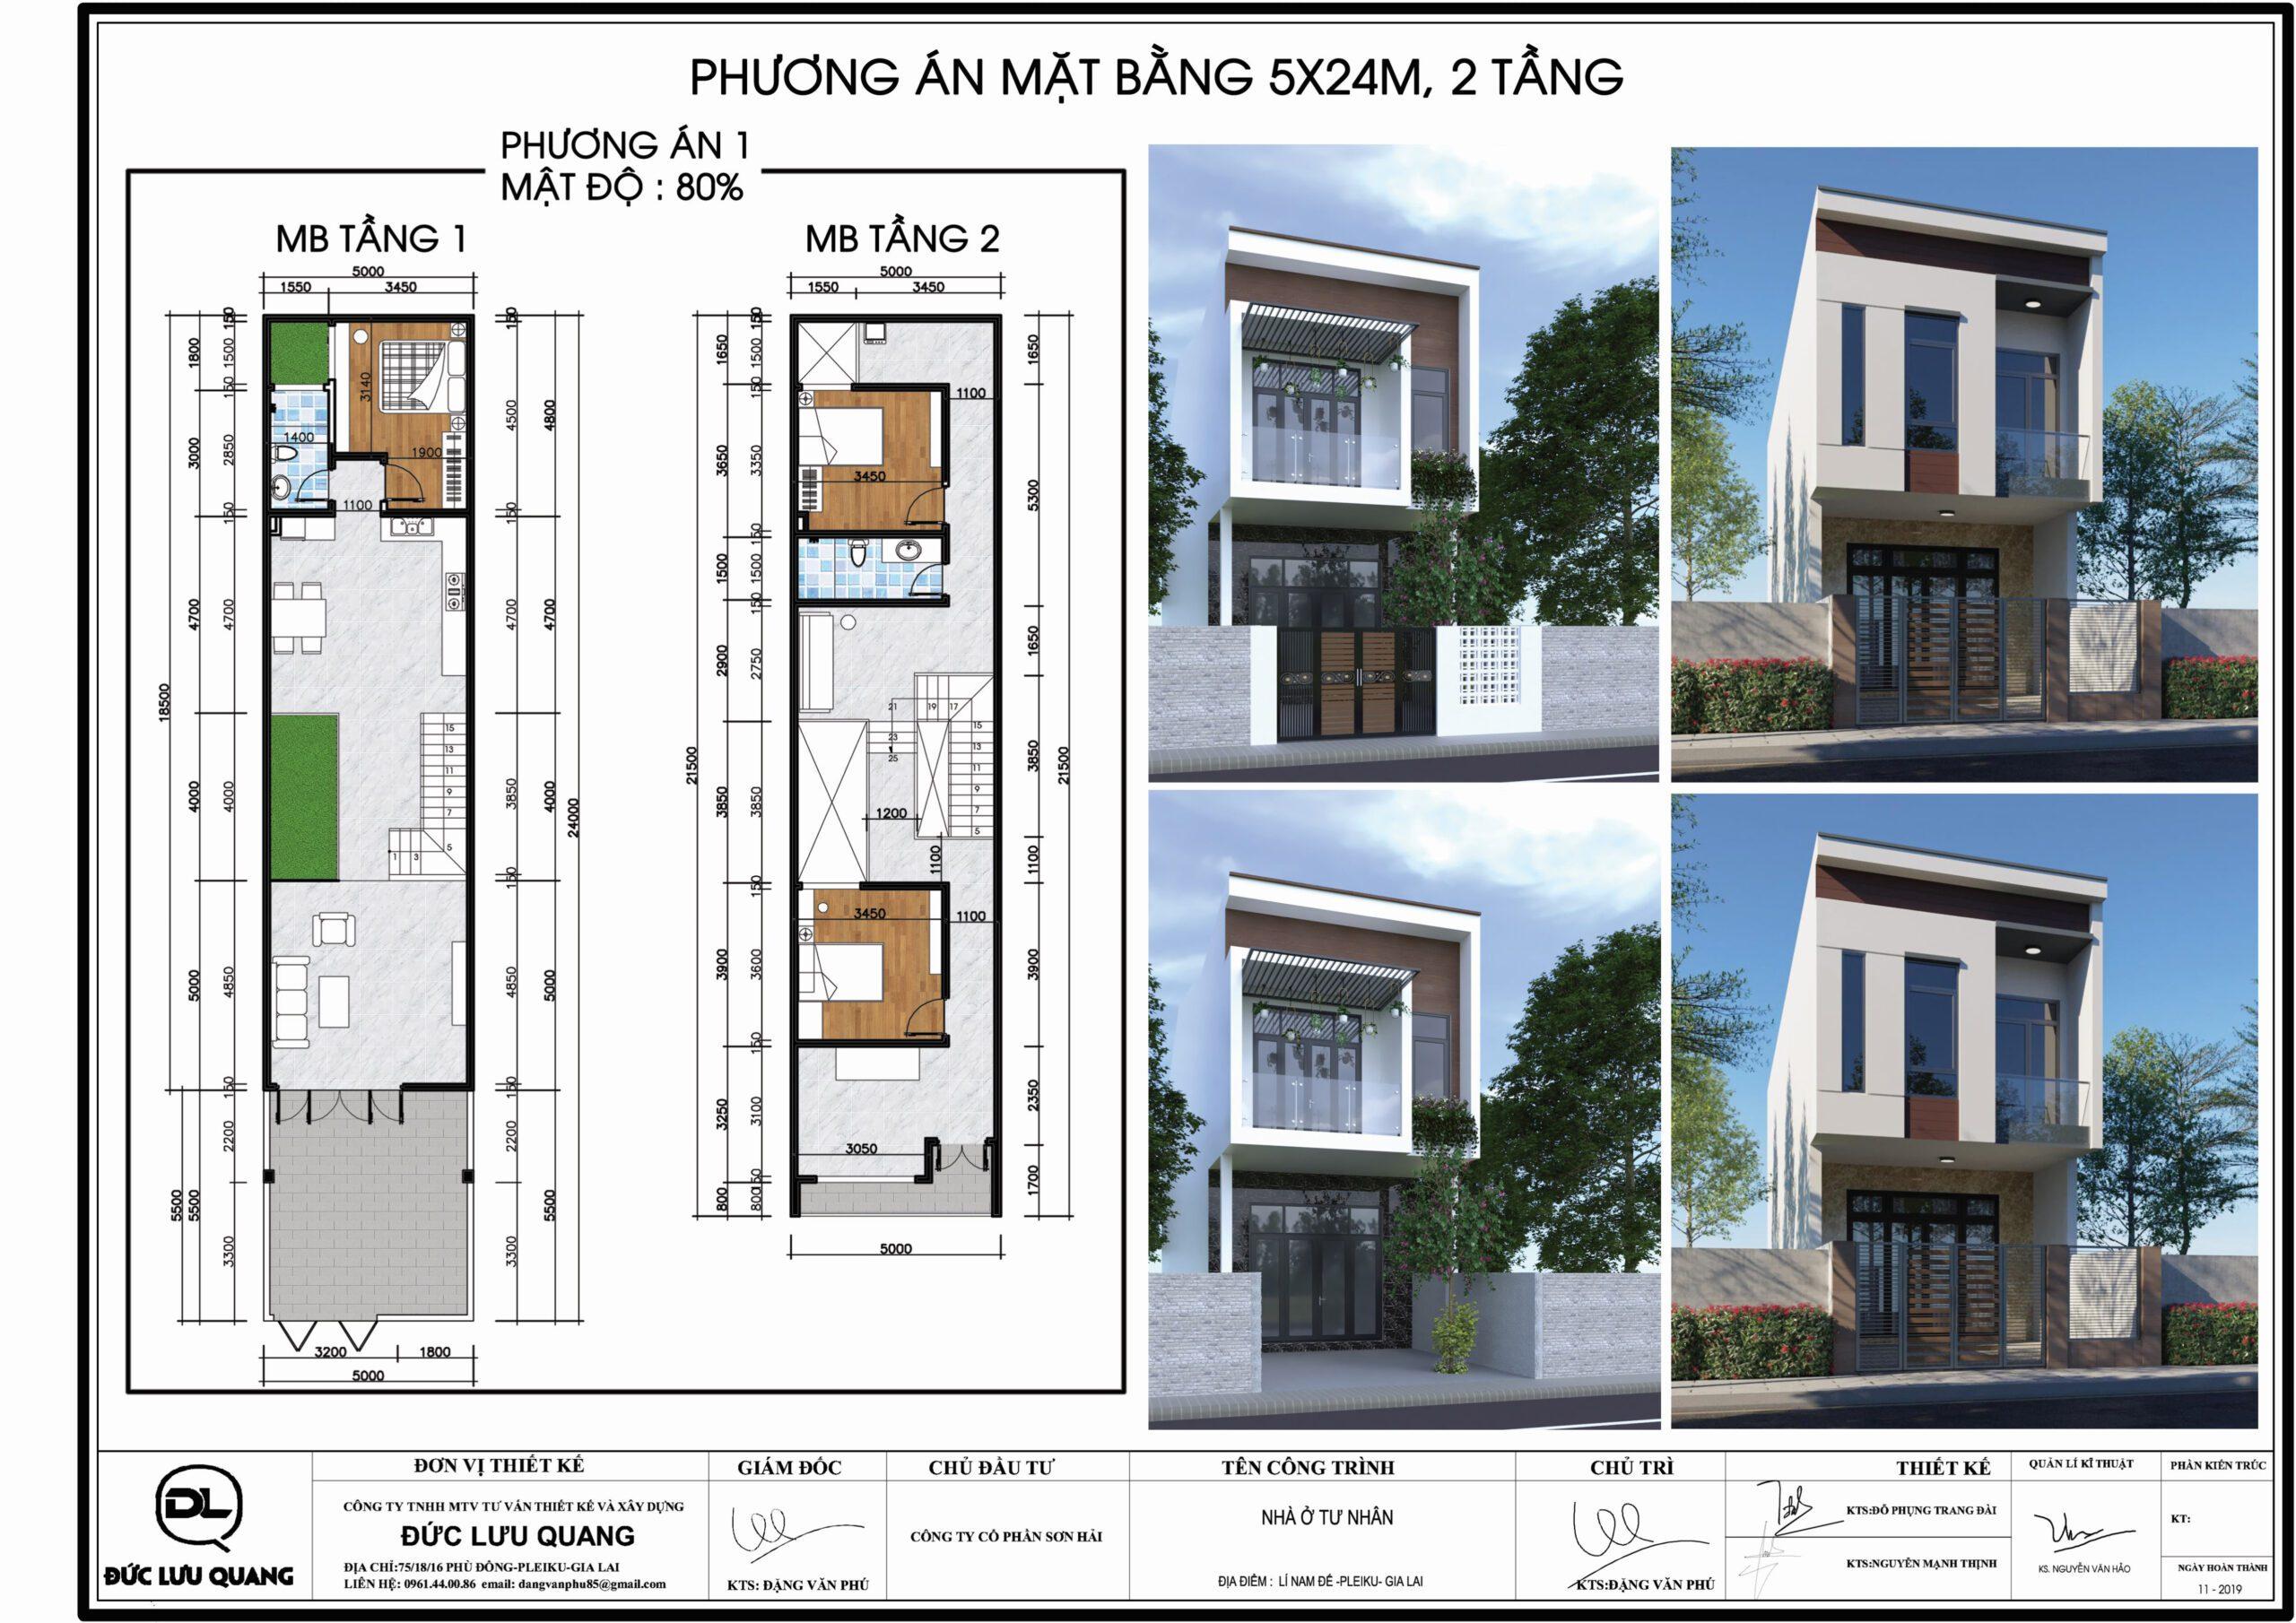 Seri mẫu nhà: nhà 2tầng- 5mx24m